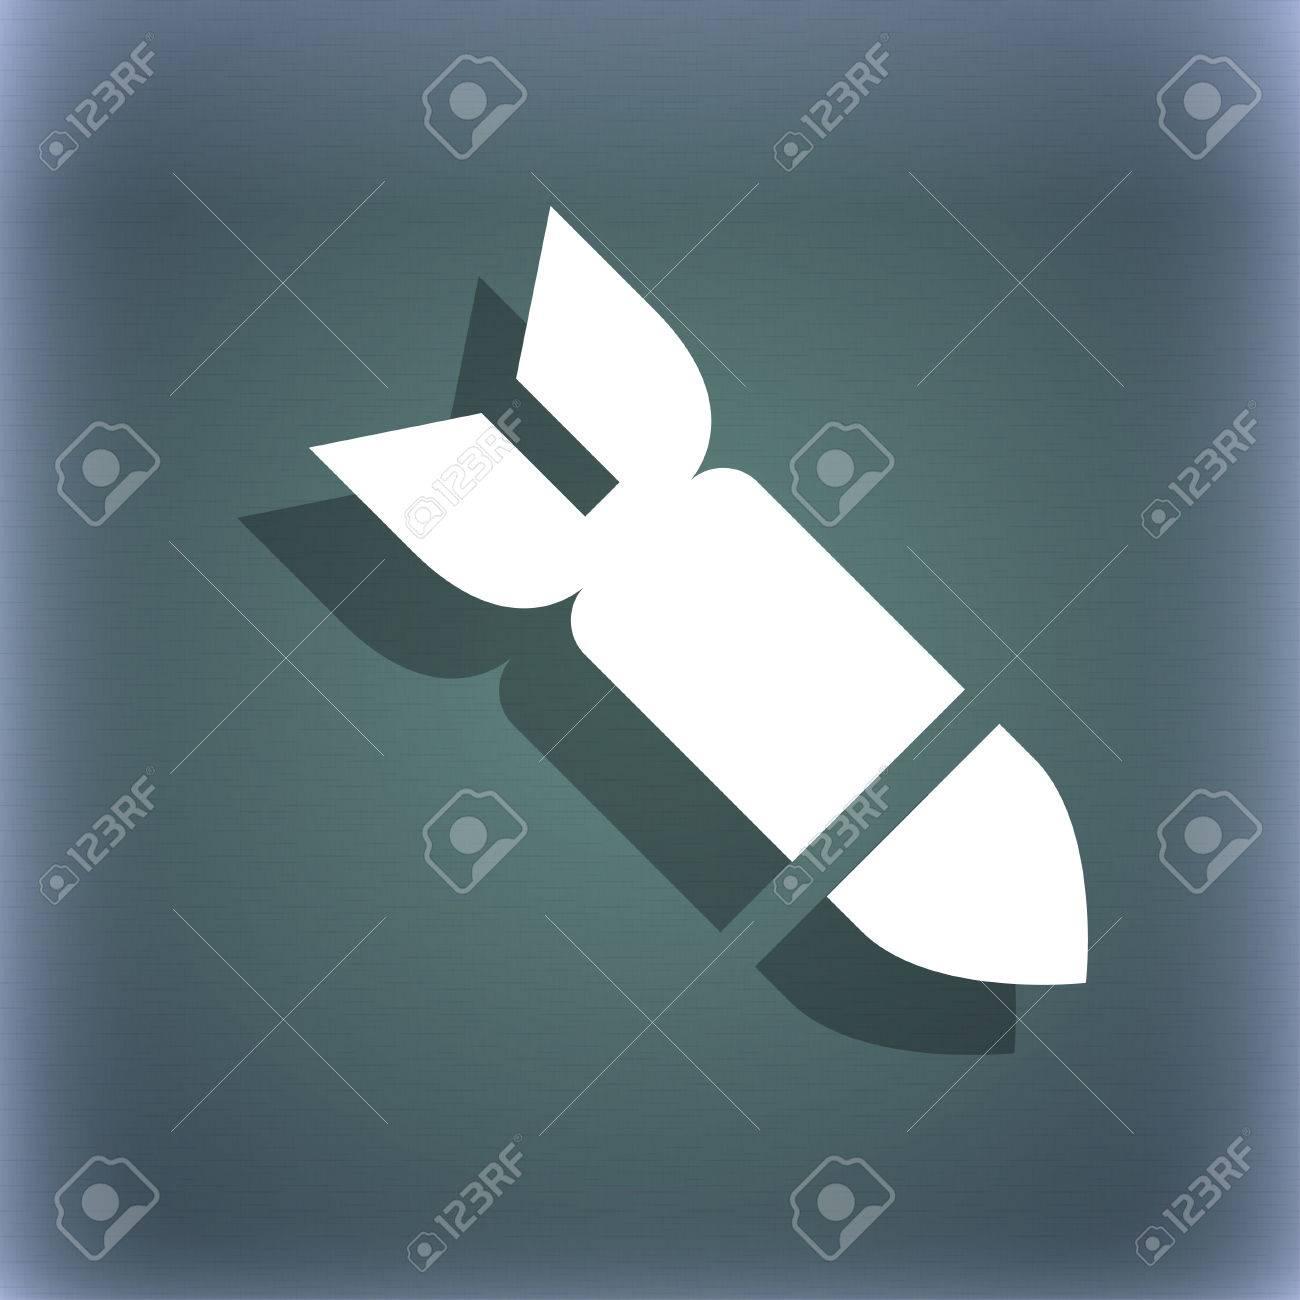 Misiles, Cohetes Símbolo Del Icono Del Arma En El Fondo Abstracto ...